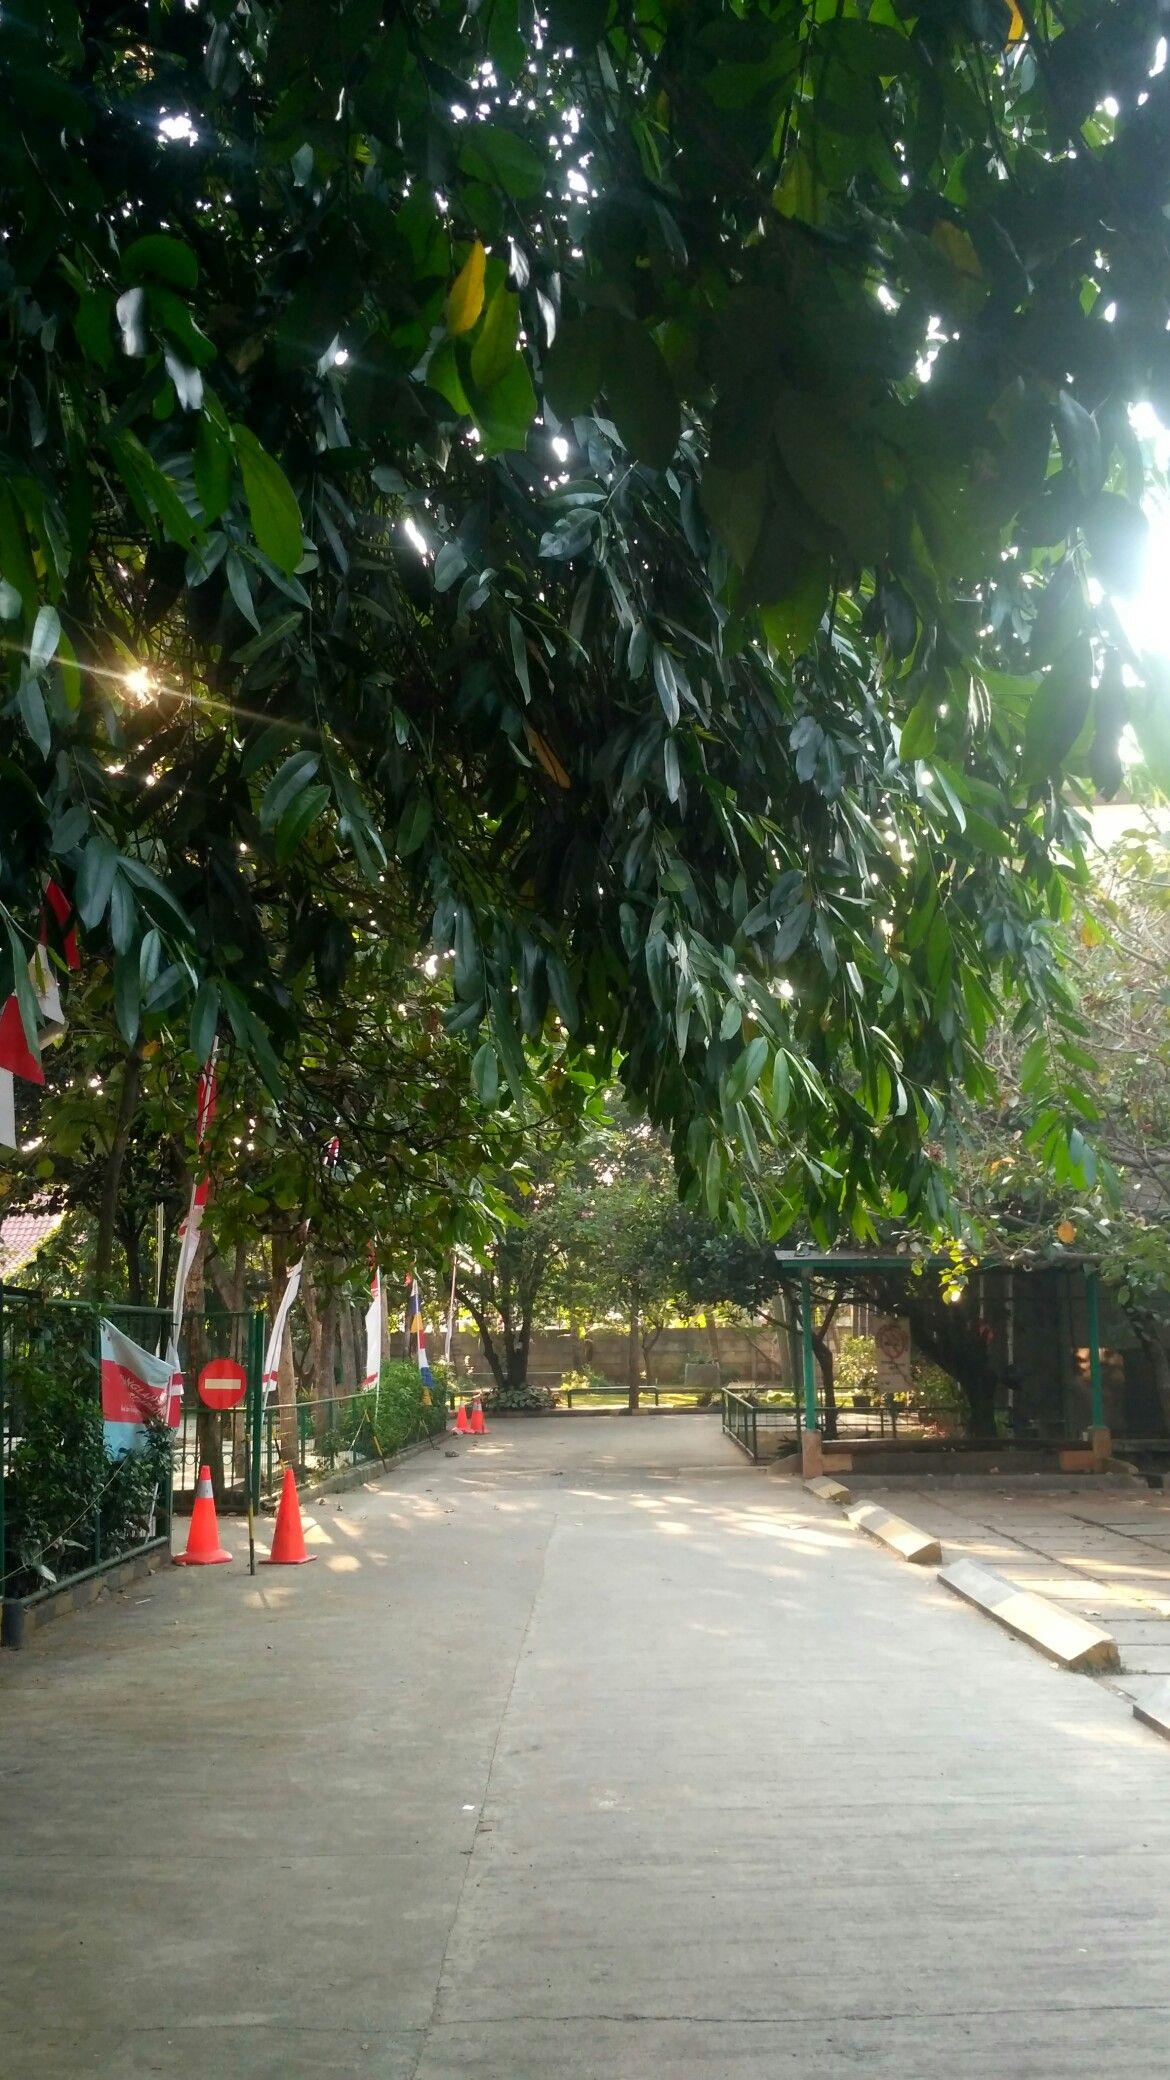 Pin Oleh Nur Fadillah Di Pemandangan Pemandangan Taman Sekolah